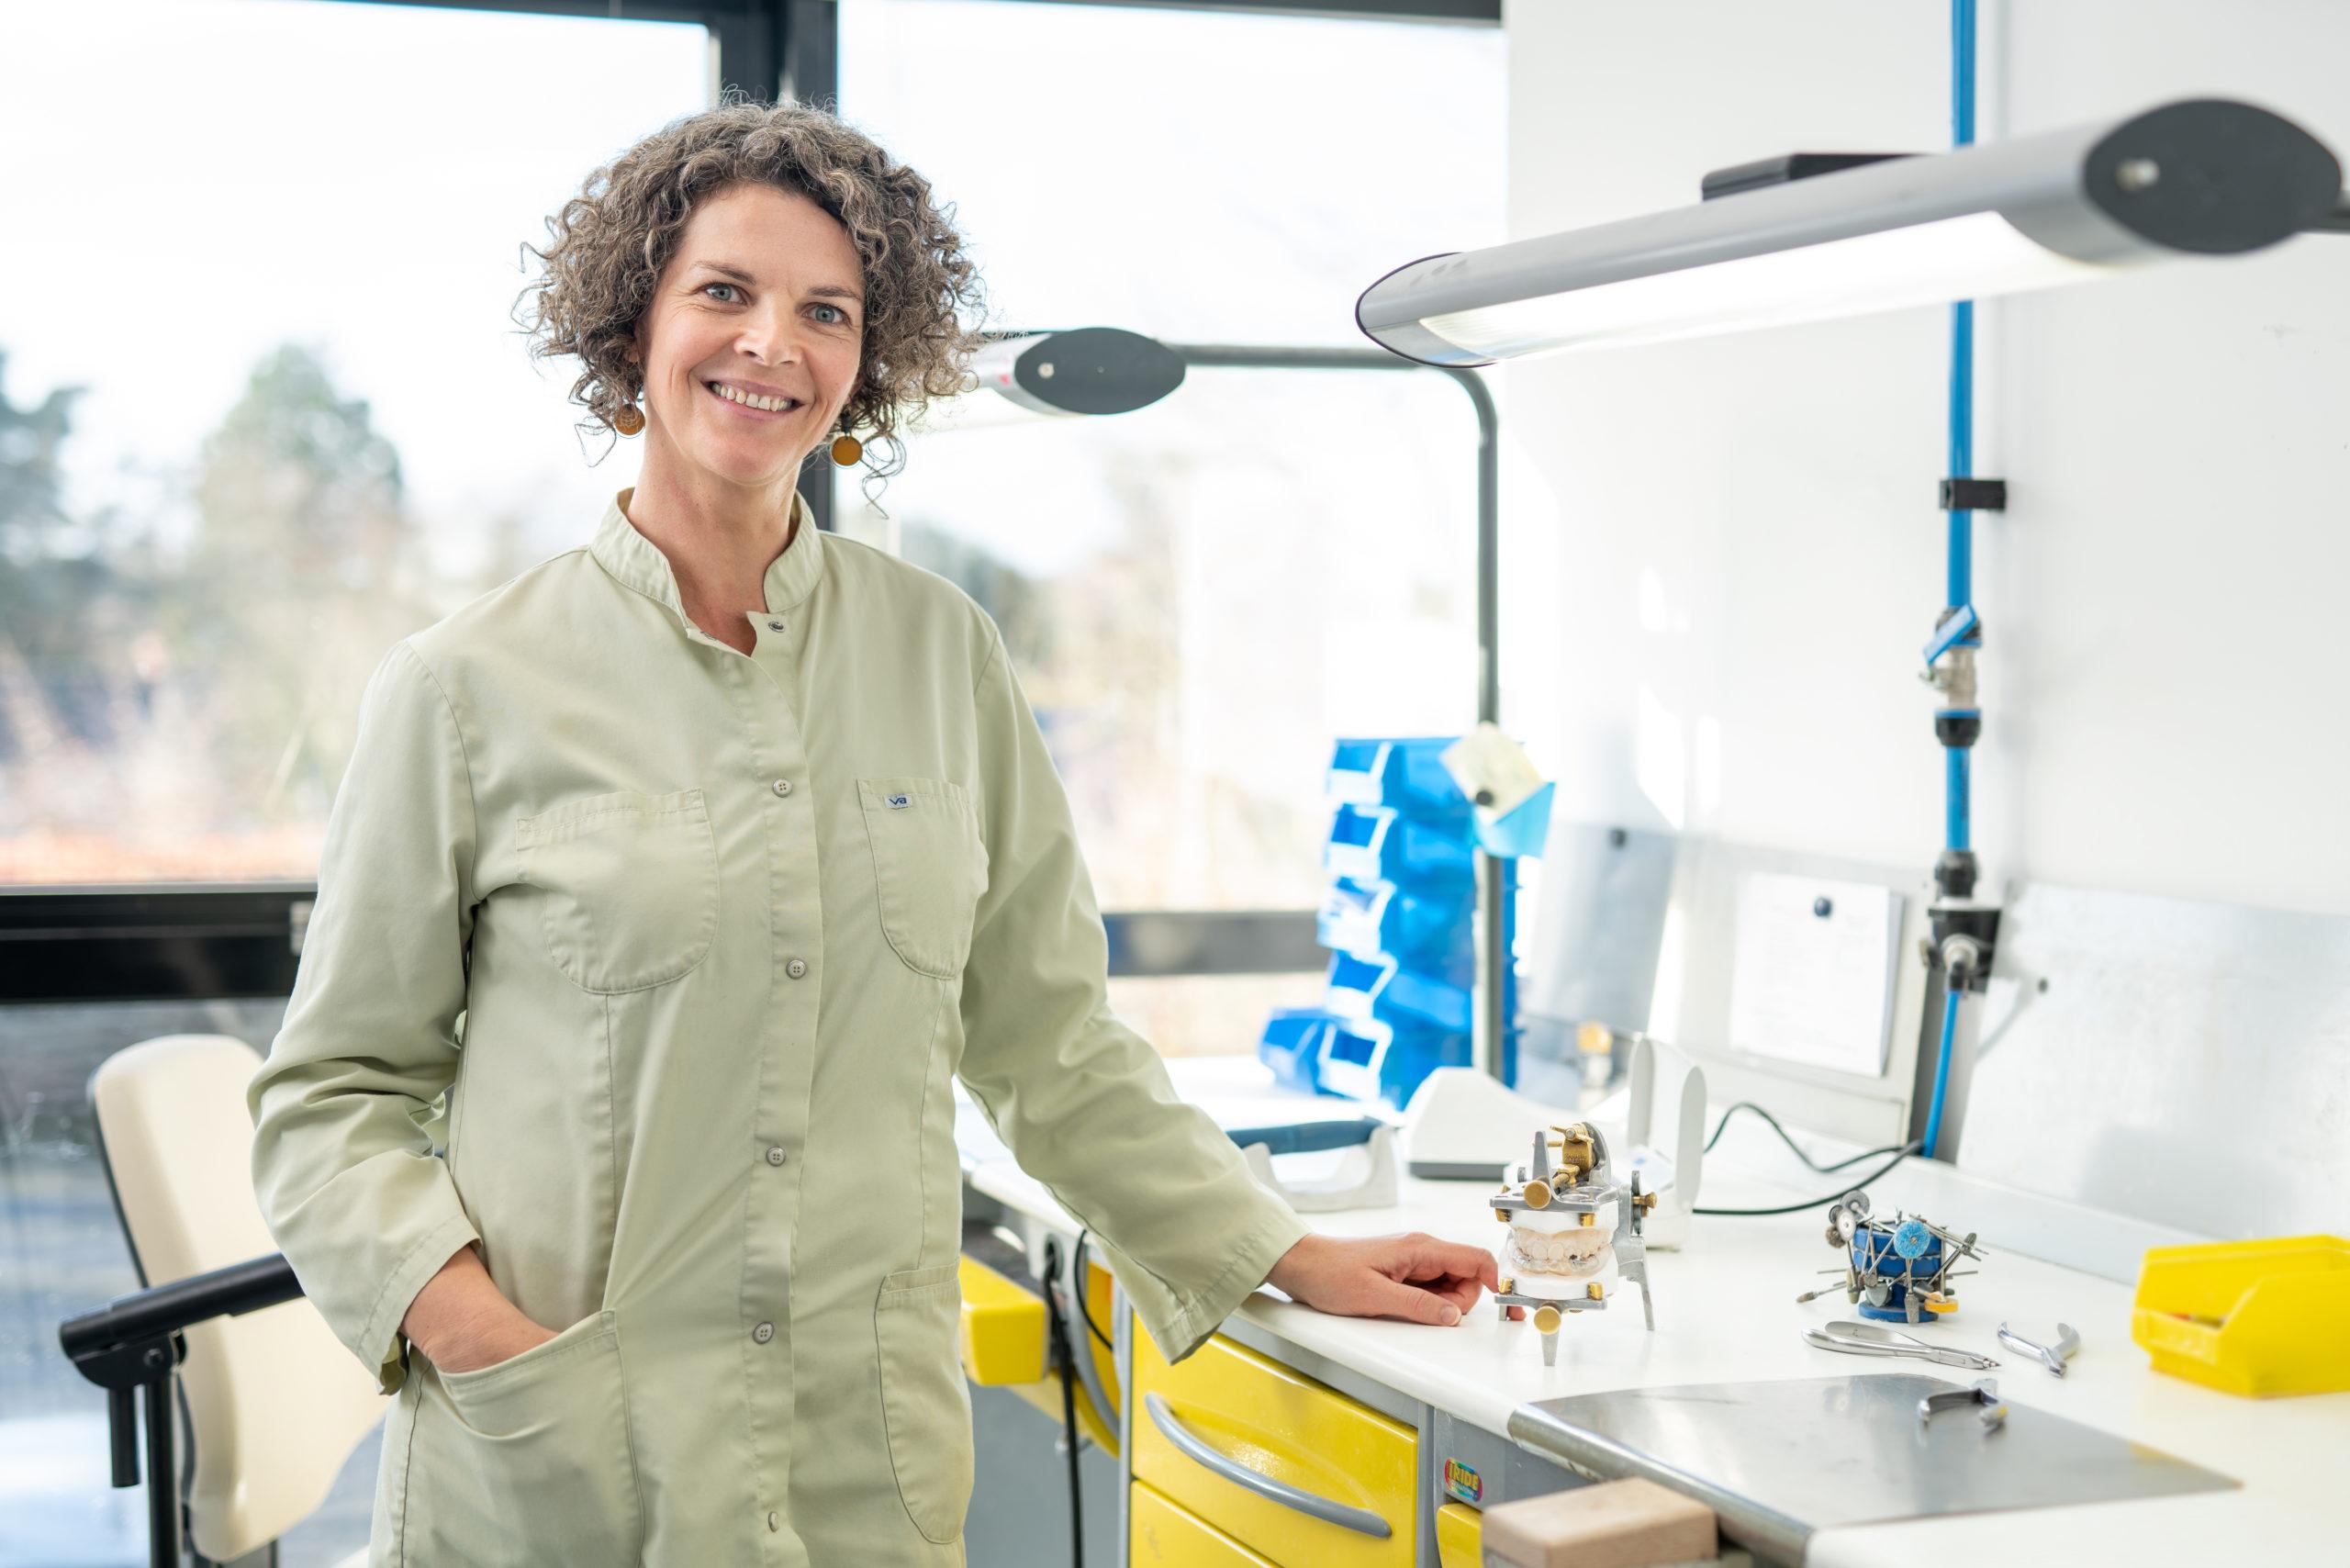 portrait d'une femme en laboratoire